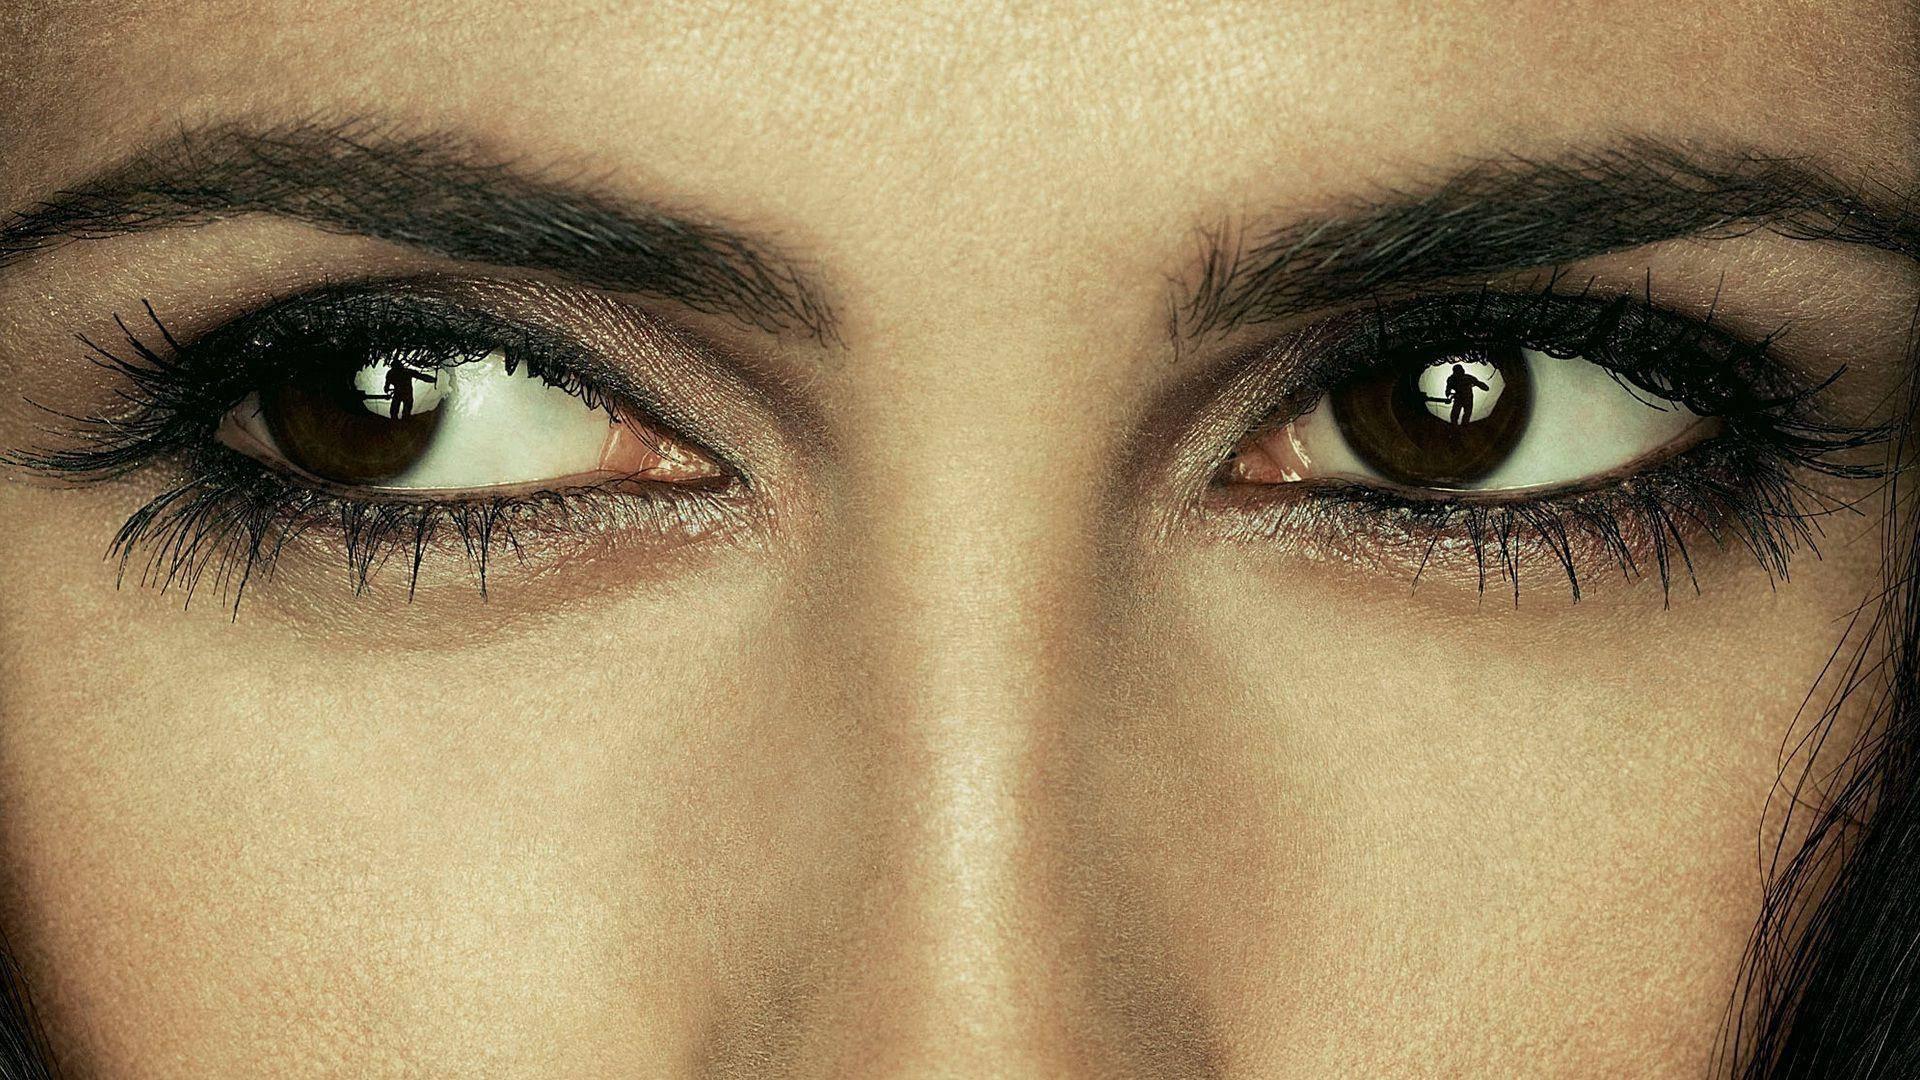 Цвет глаз человека: значение и изменение цвета глаз, глаза разных цветов